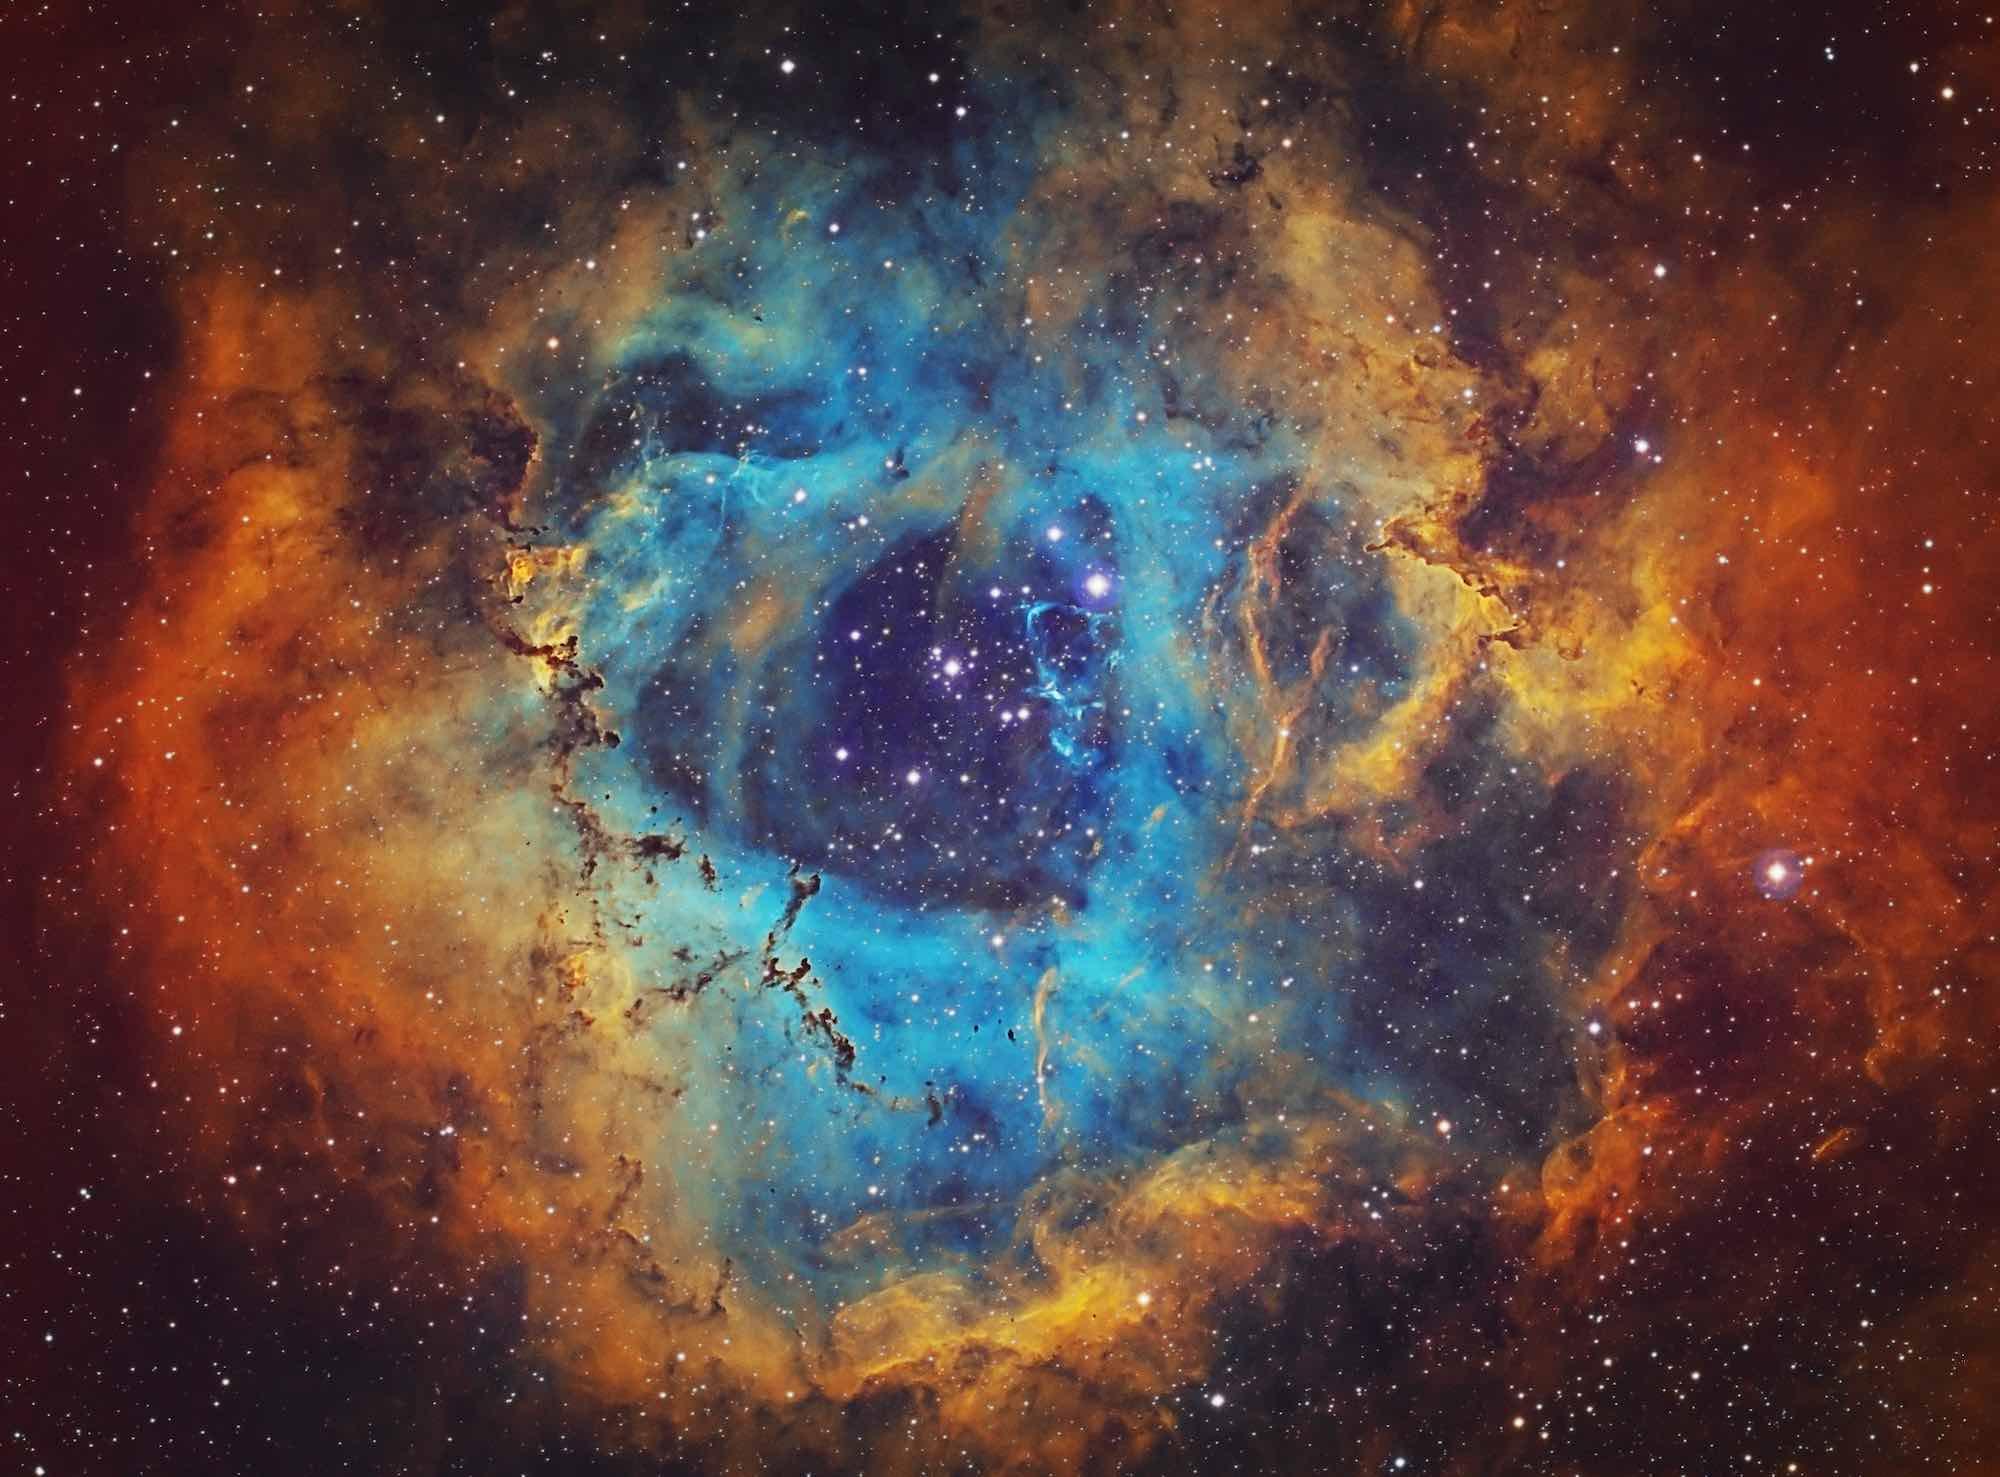 Foto da Nebulosa Roseta (NGC 2237, Caldwell 49) que é a grande nuvem de hidrogênio, enxofre e gás oxigênio na constelação de Monoceros. O aglomerado de estrelas aberto NGC 2244 (Caldwell 50) consiste em estrelas sendo formadas a partir da nebulosa. A nebulosa está a 5.200 anos-luz de distância da Terra. Imagem amadora, tempo total de exposição: 15h45m, imagem da paleta HST.